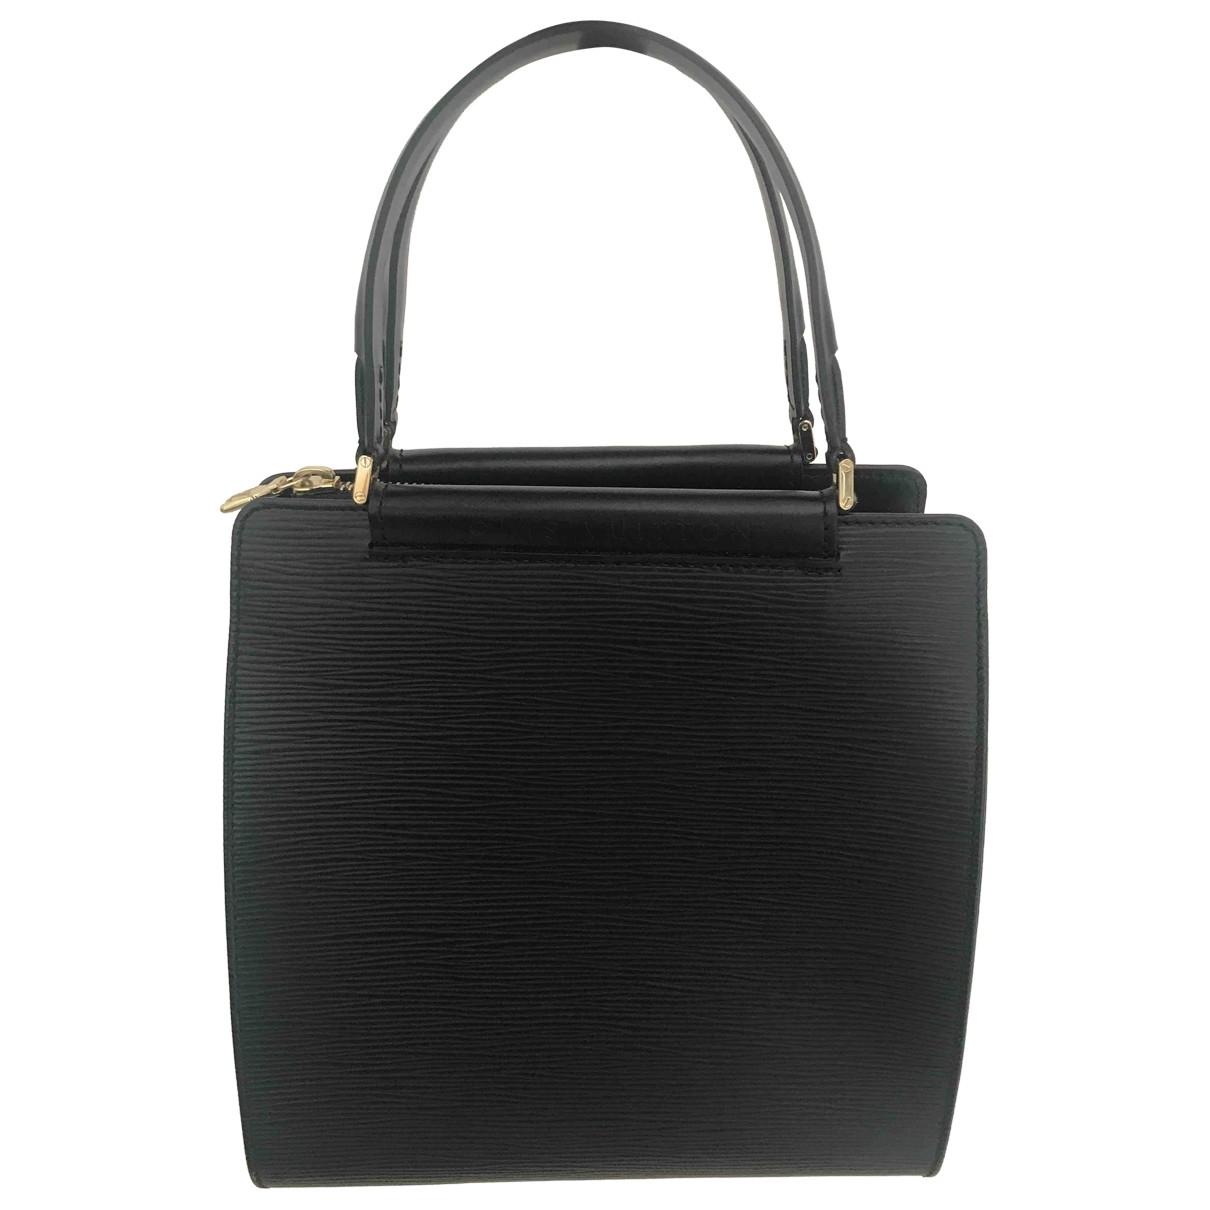 Louis Vuitton Figari Handtasche in  Schwarz Leder